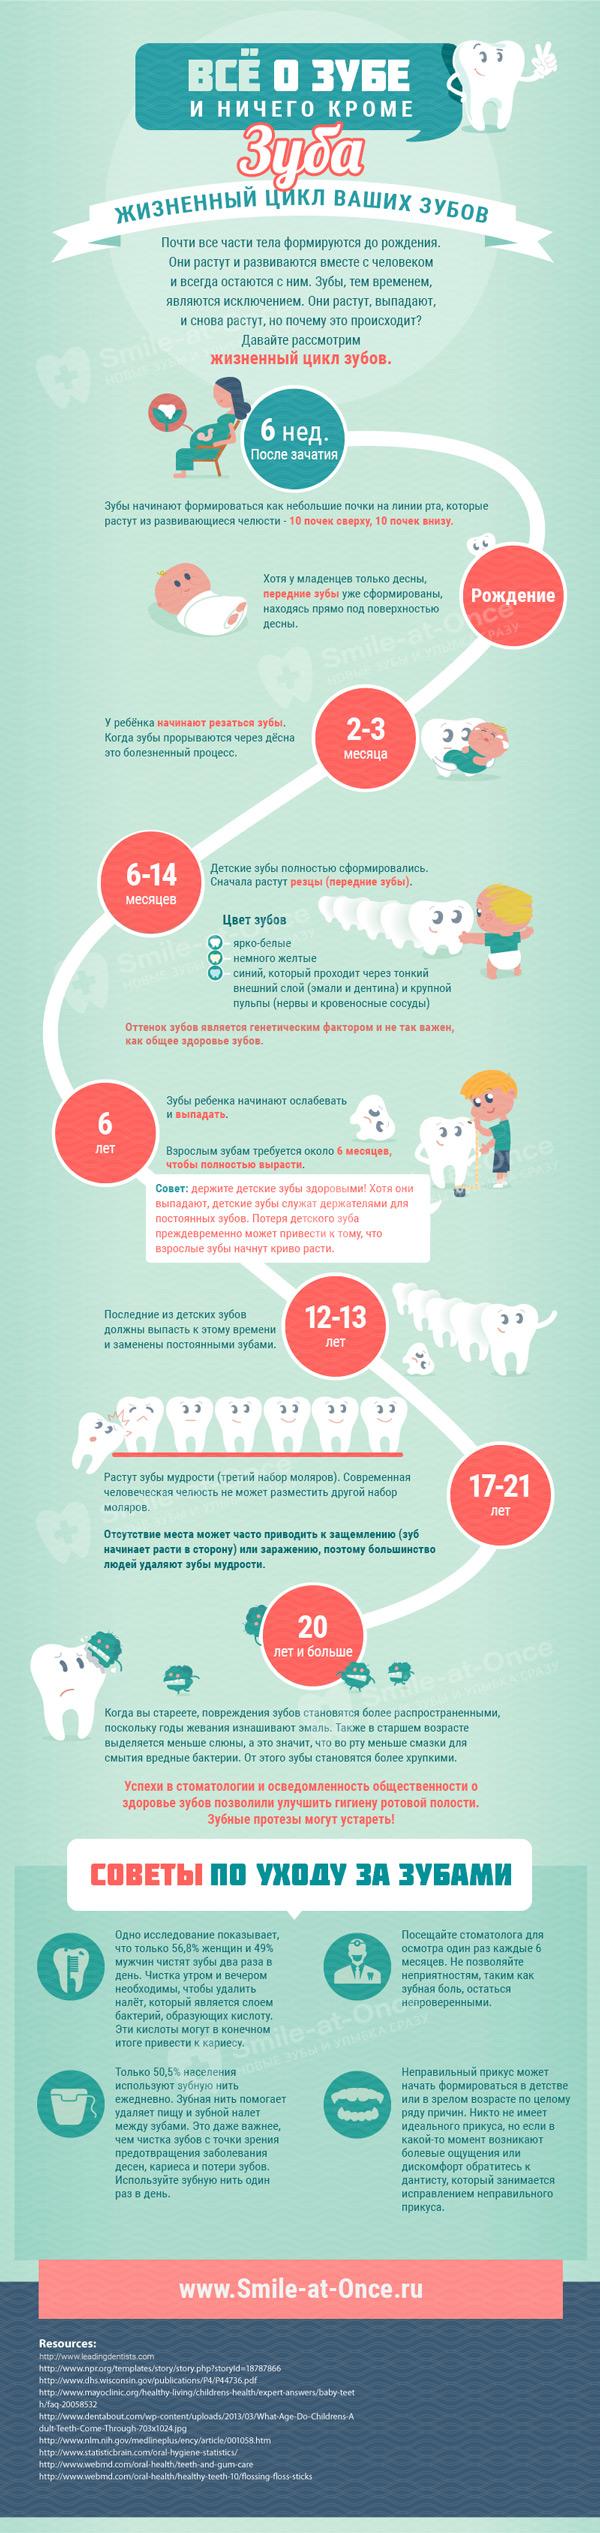 Жизненный цикл зубов инфографика